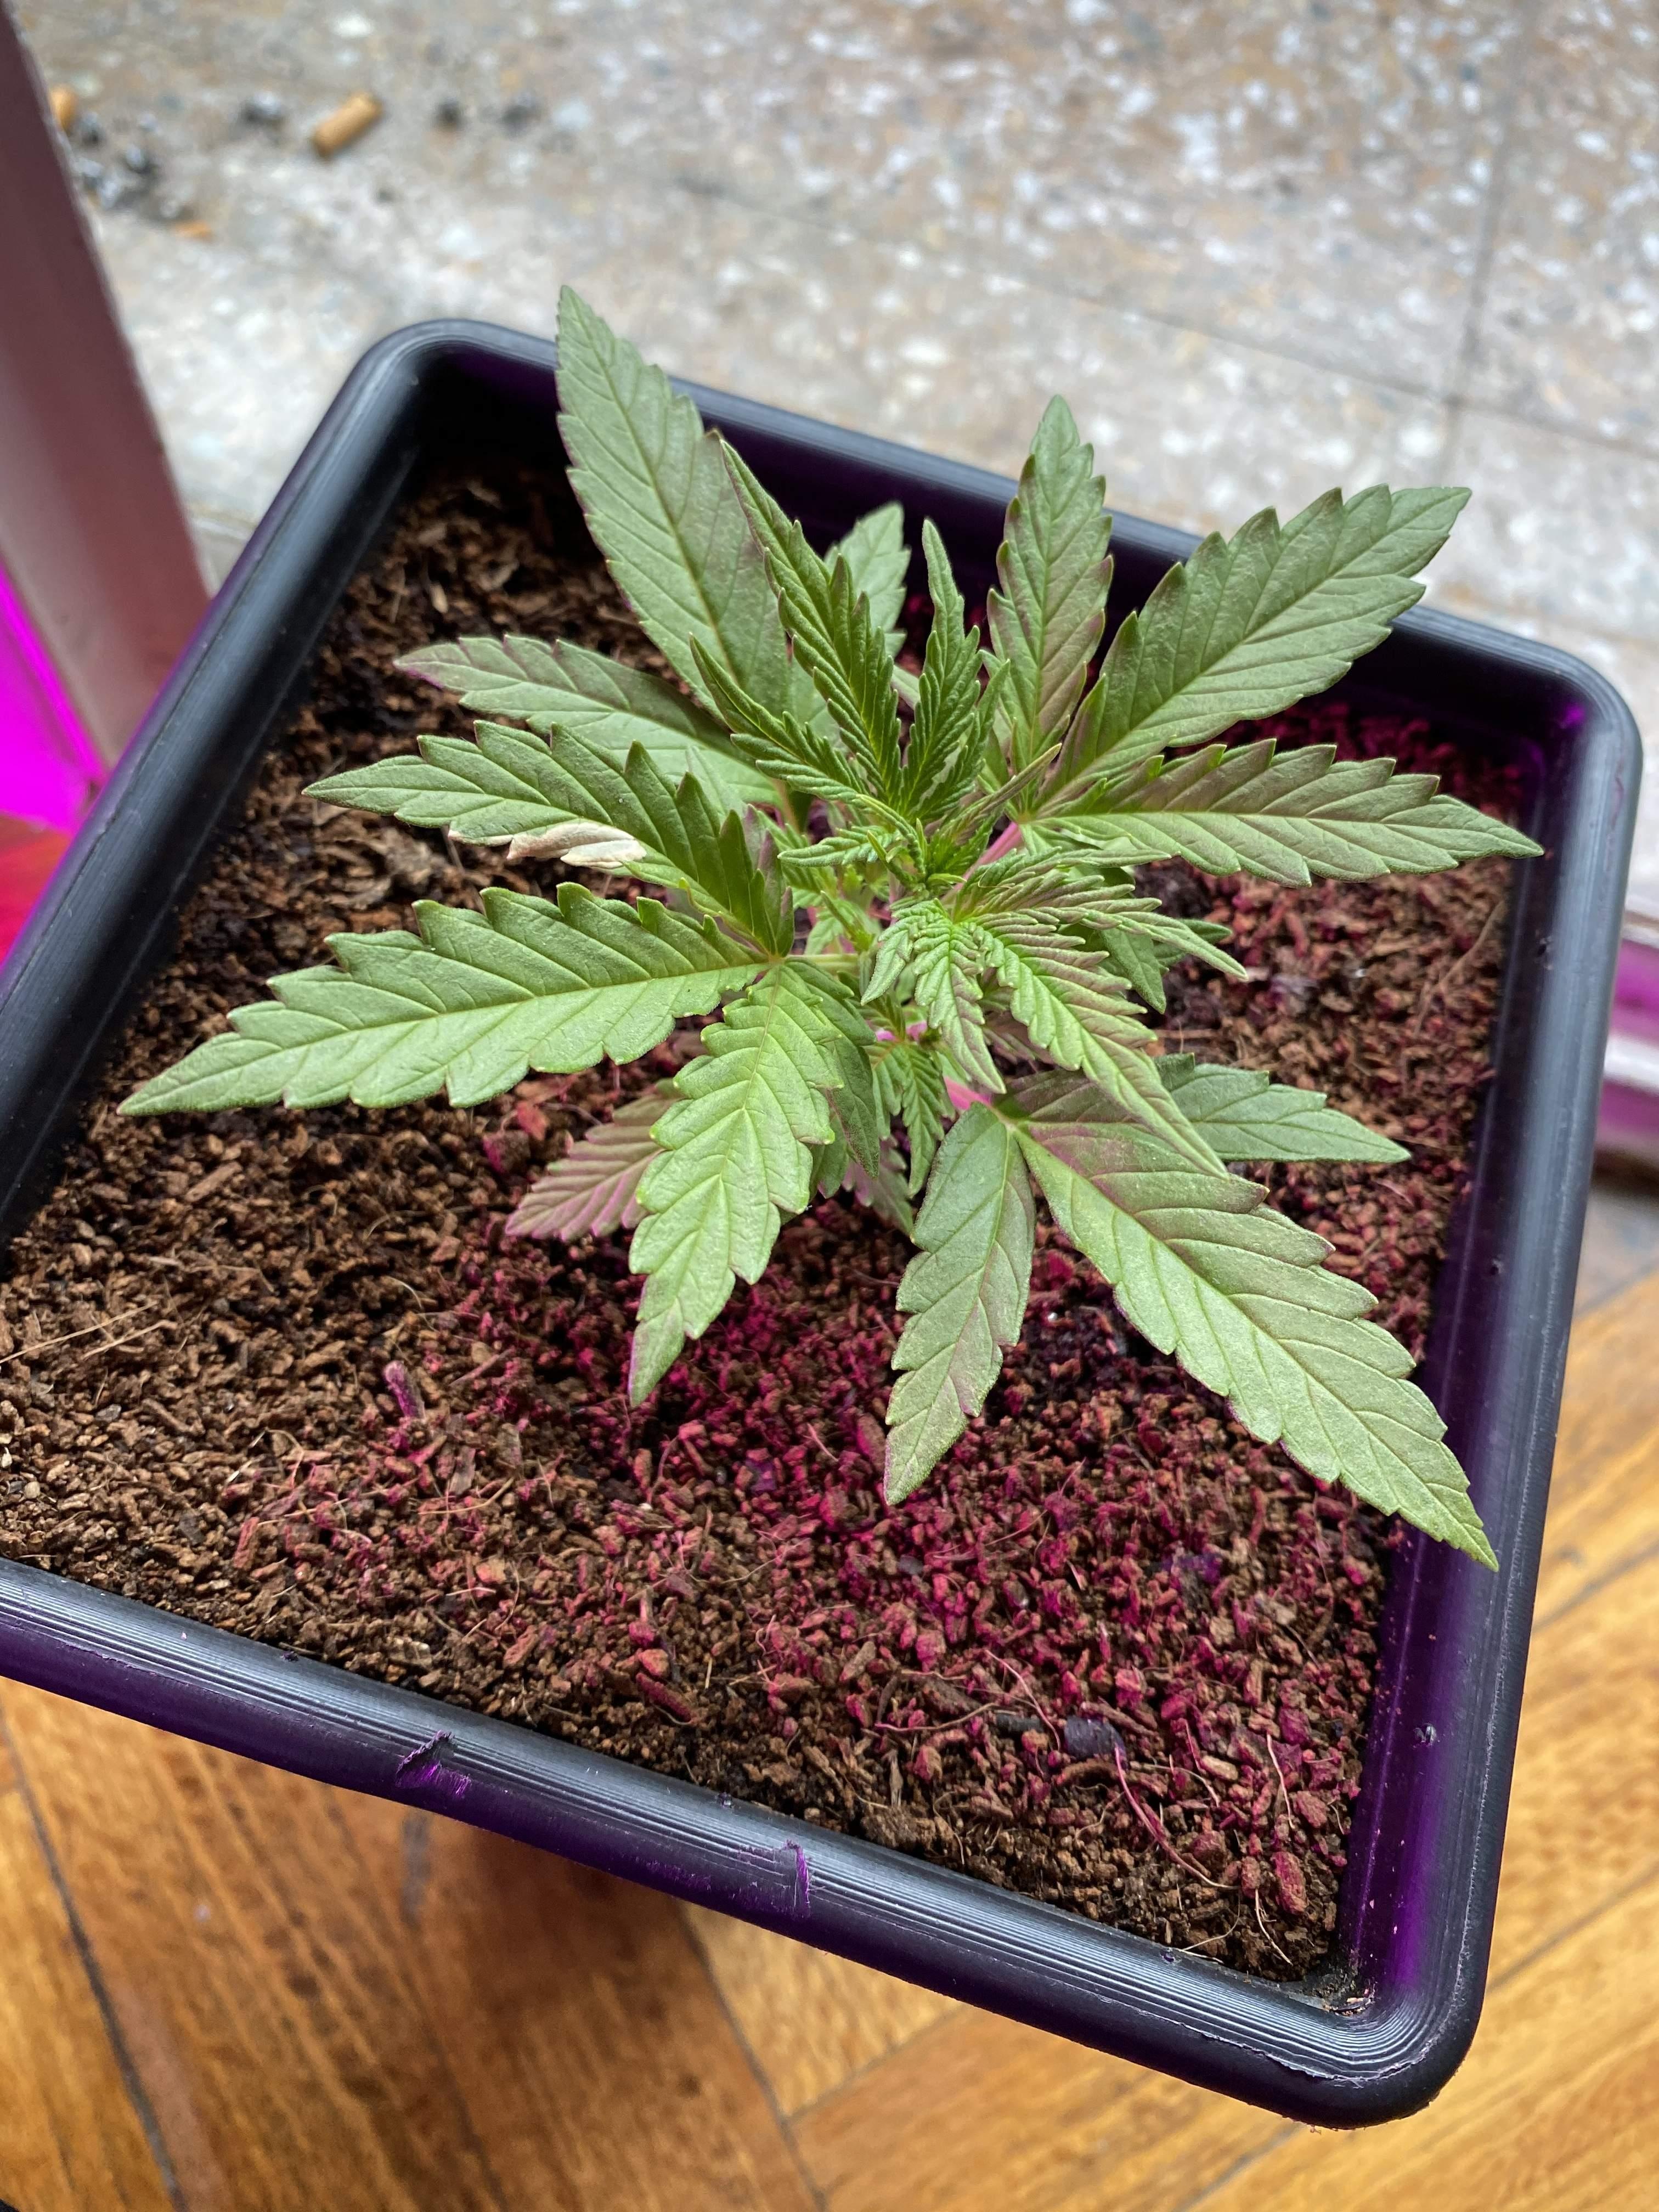 Bsf Seeds Orange Blossom Xxl Auto Grow Journal Week3 By Chronigmatic Growdiaries